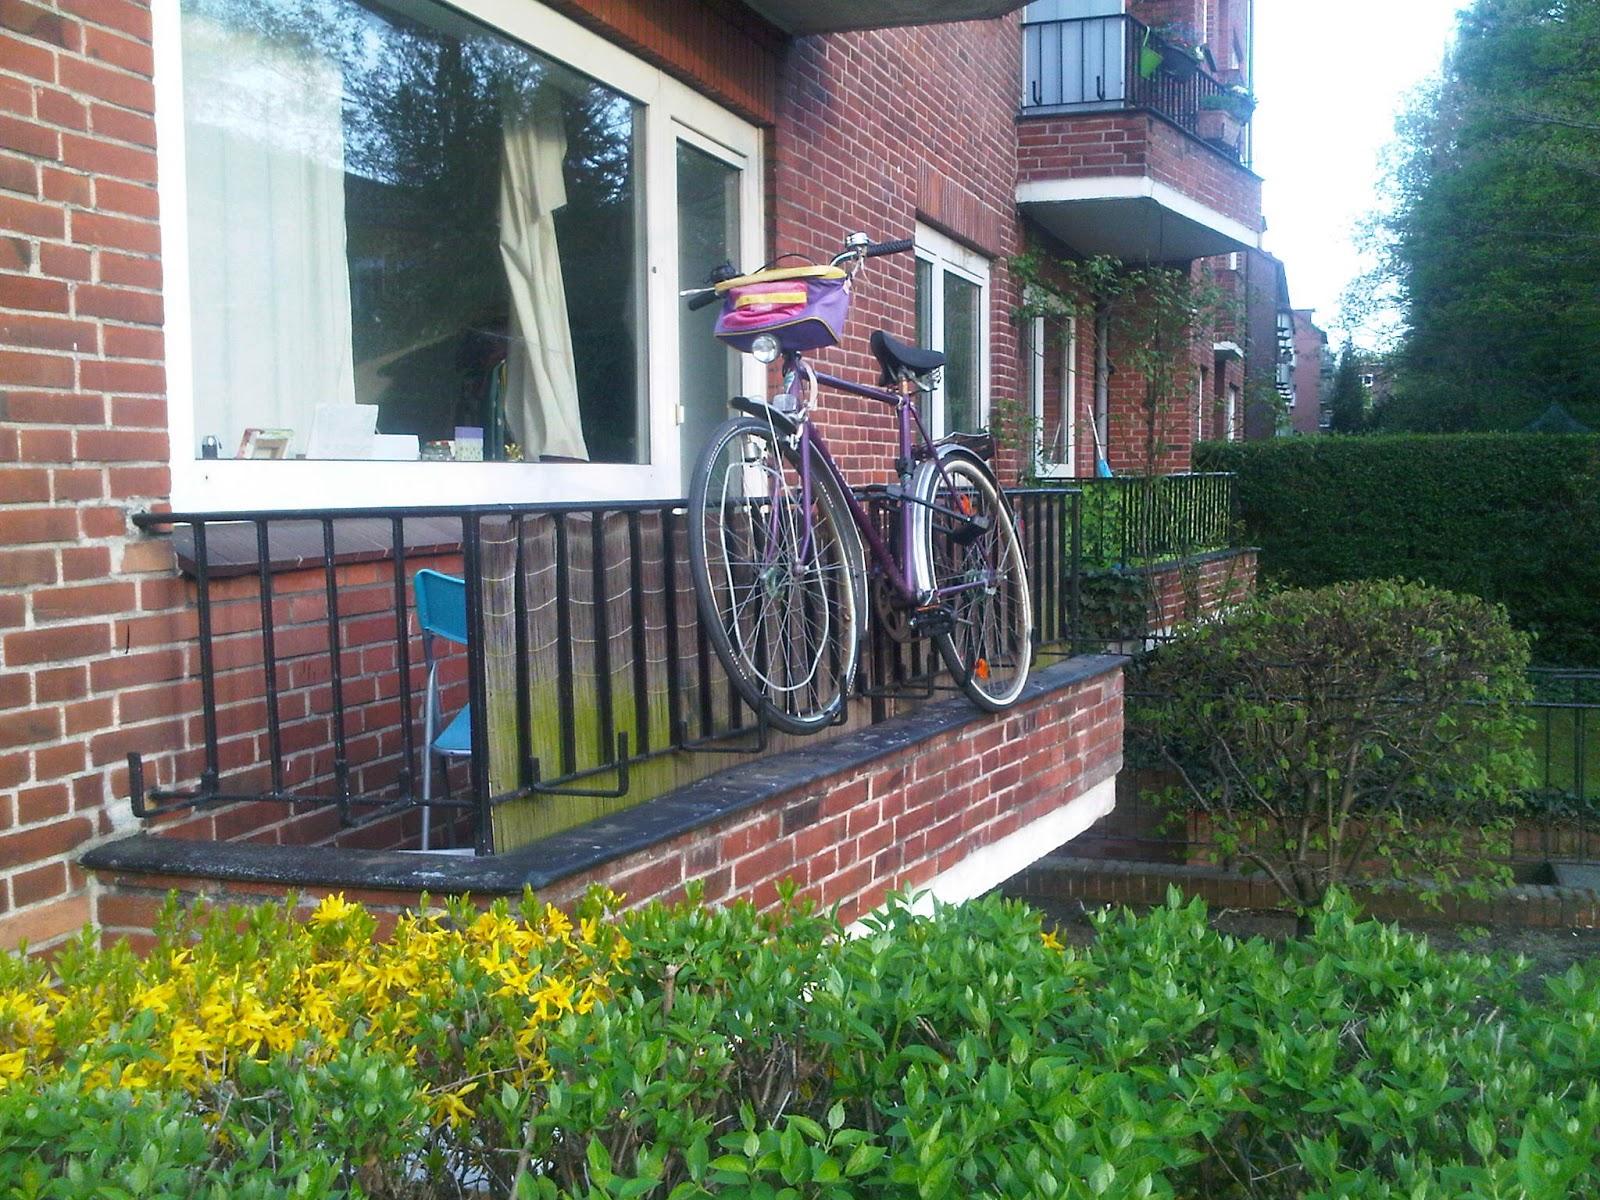 Fahrrad am Balkon aufgehängt. Ein Rad außen am Balkon aufgehängt und abgeschlossen.